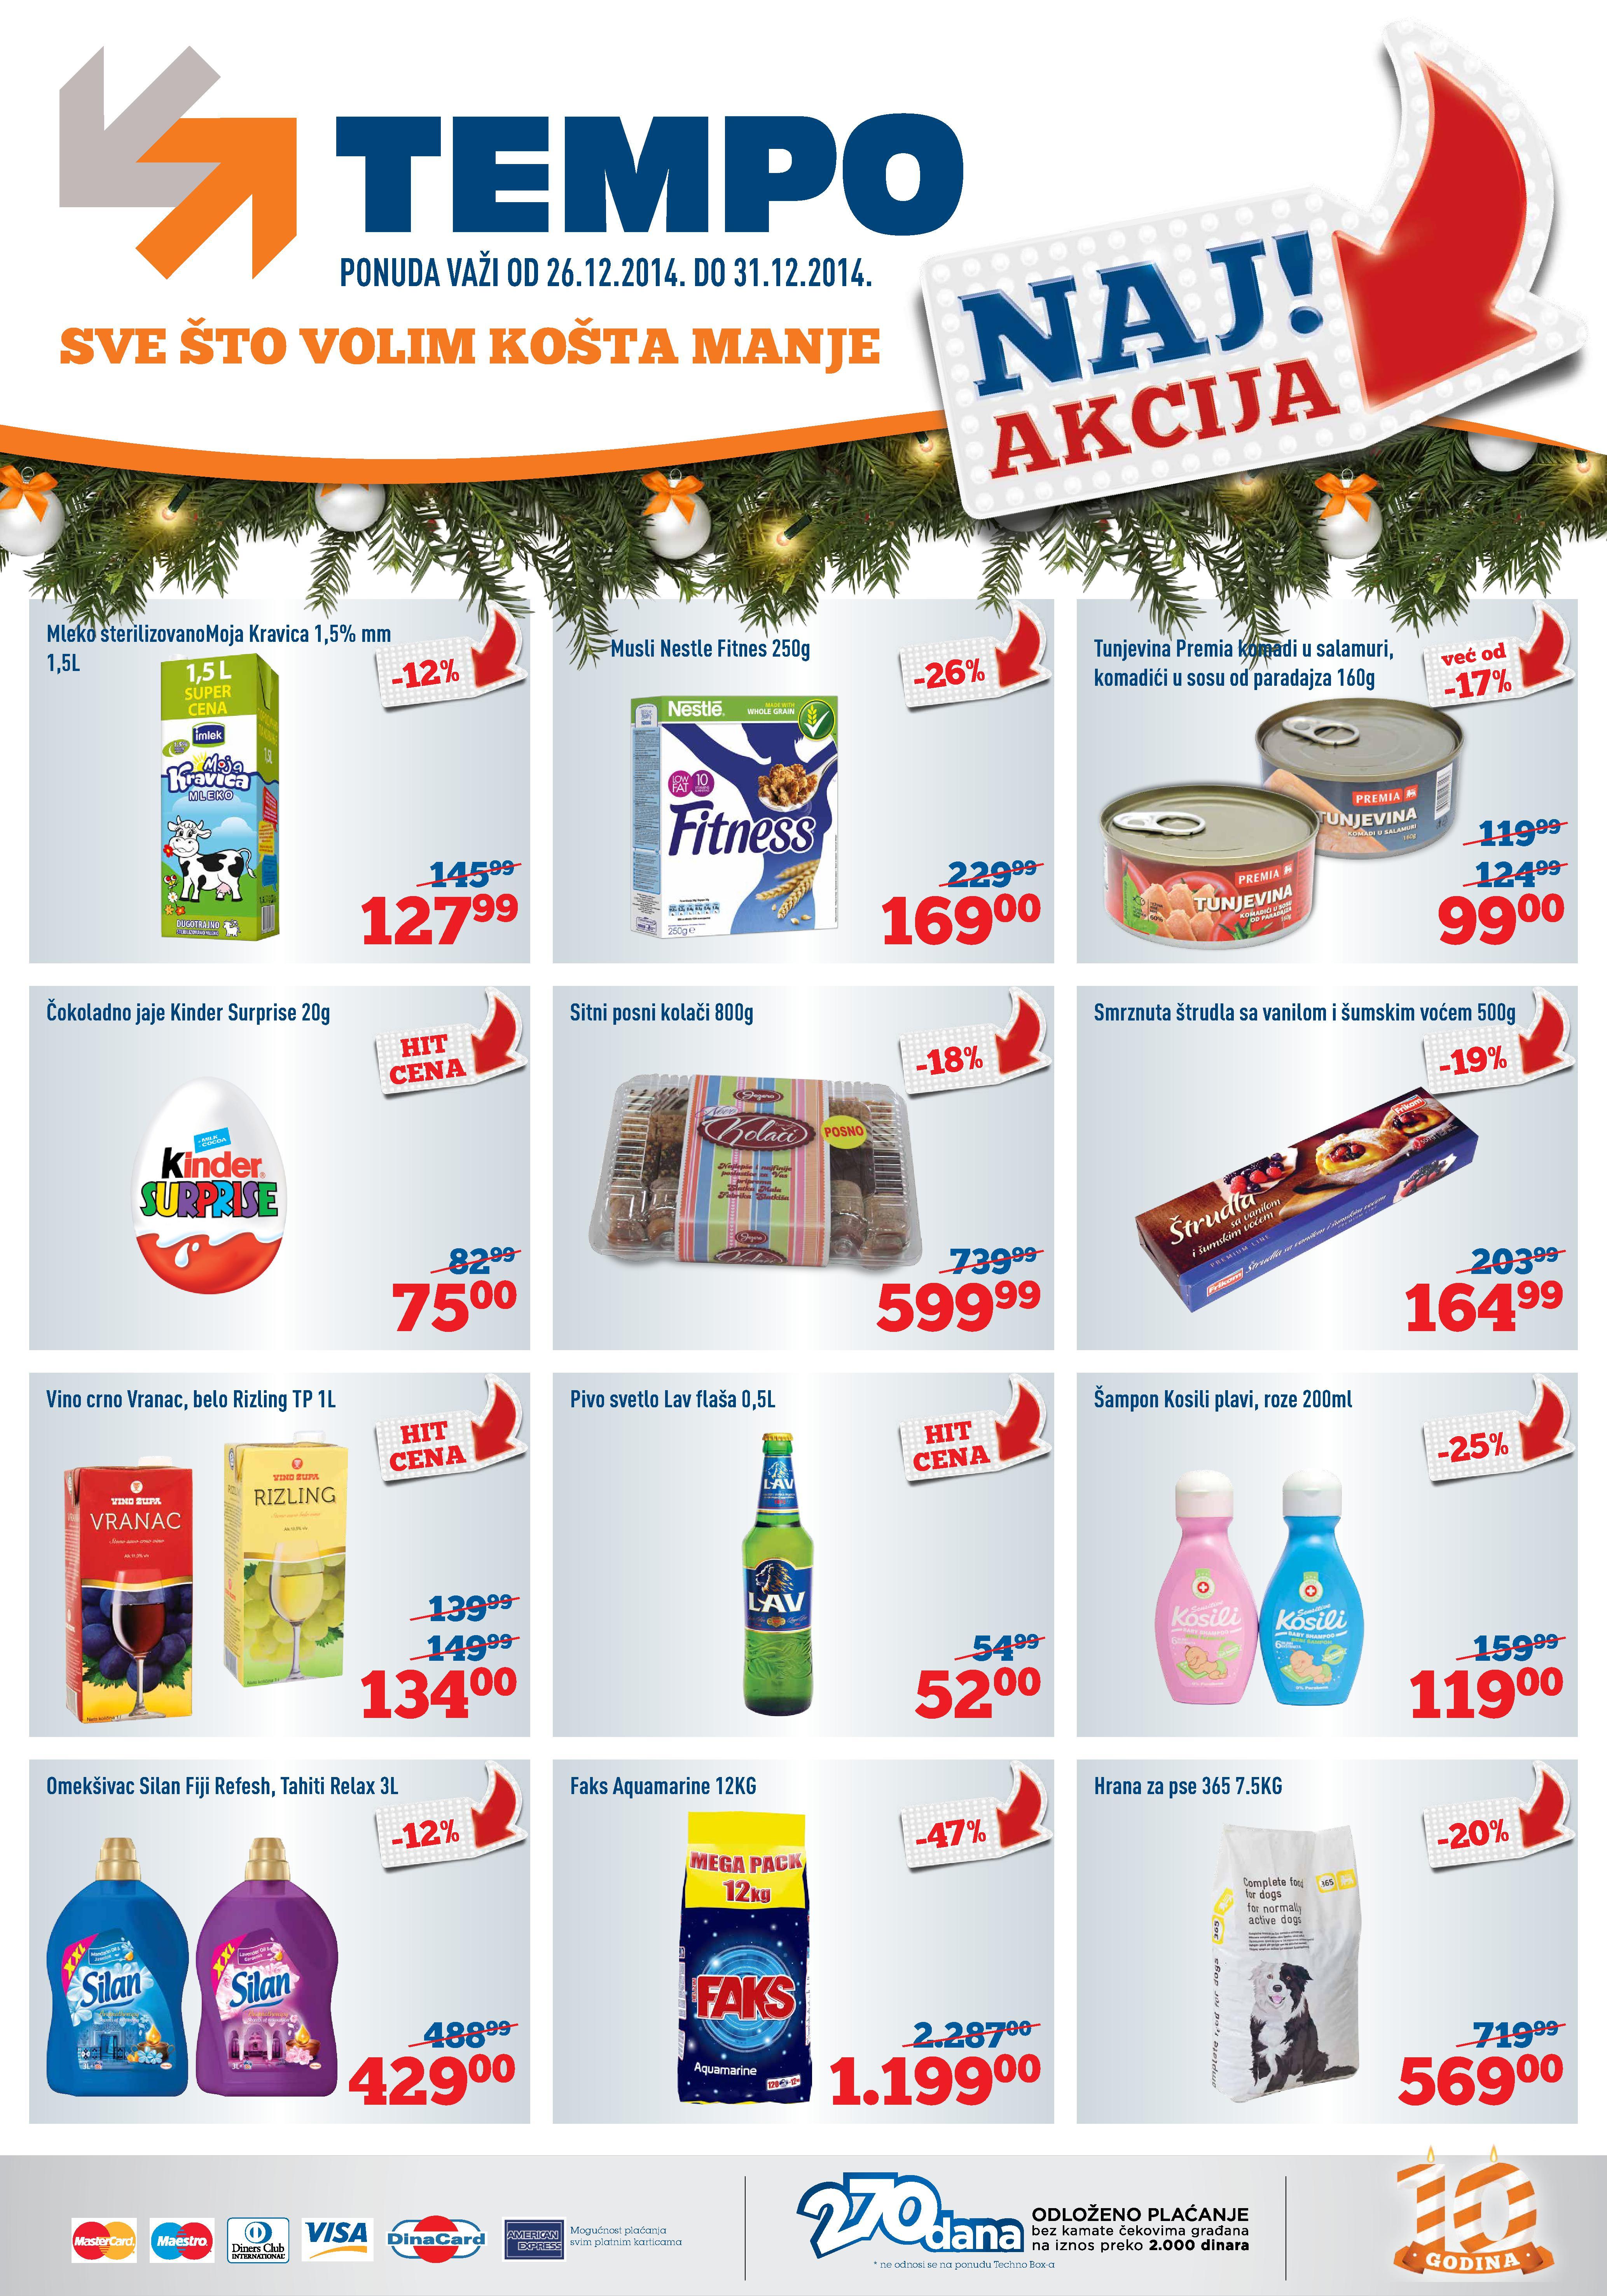 Tempo akcija novogodišnja nedelja super cena